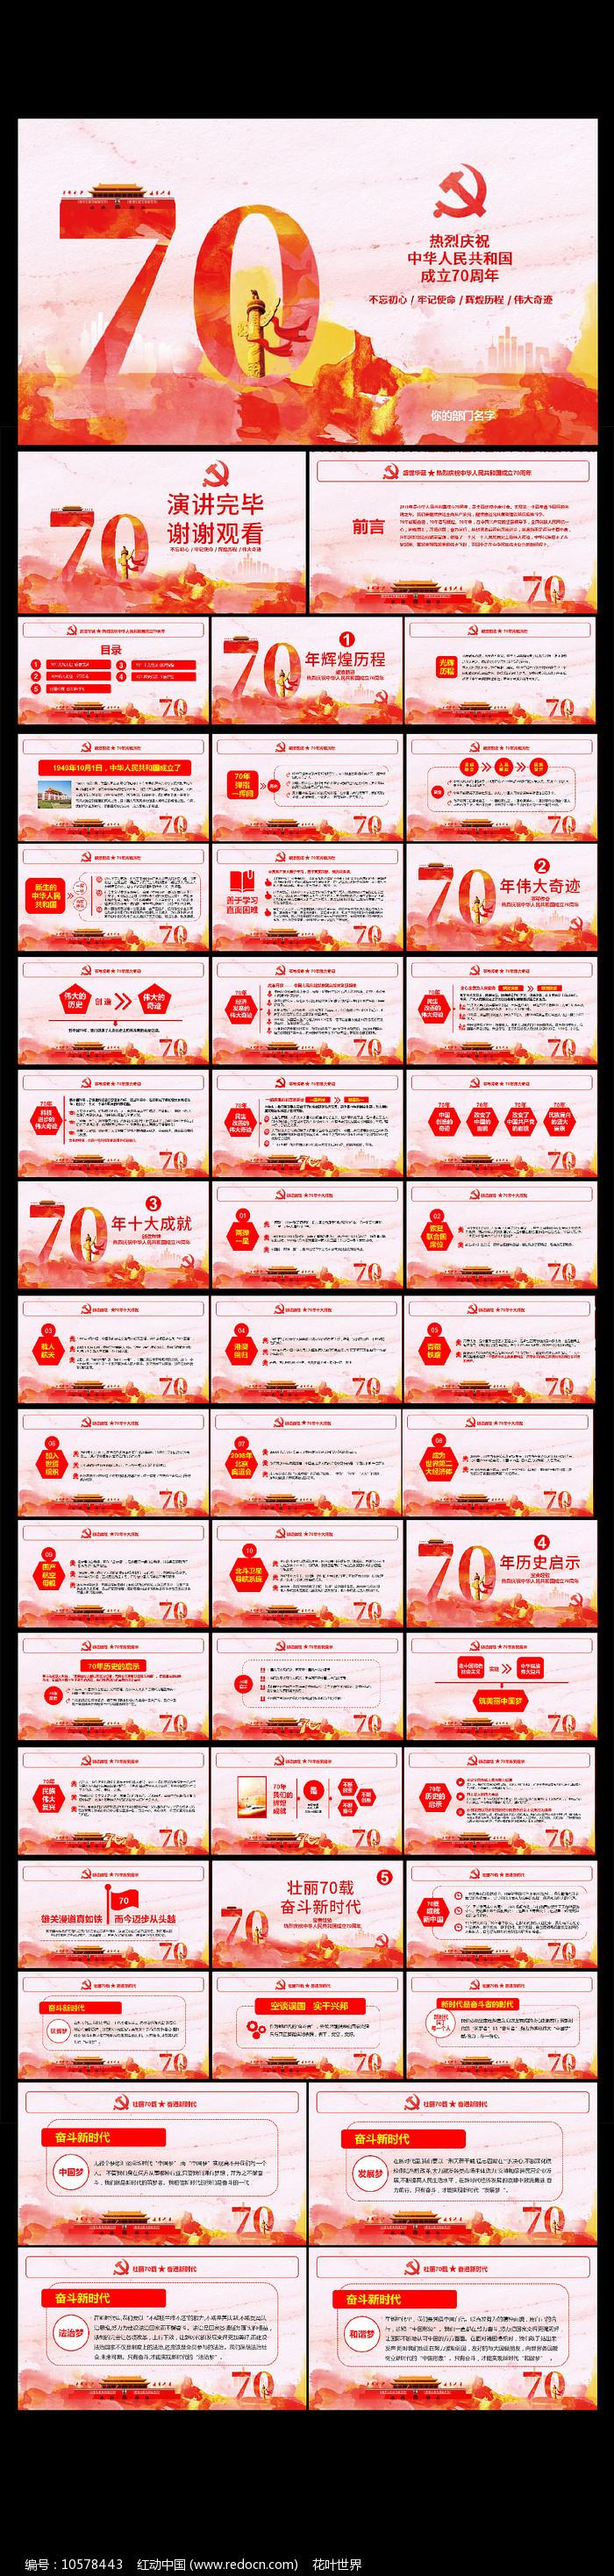 建国70年国庆ppt党建党课模板图片